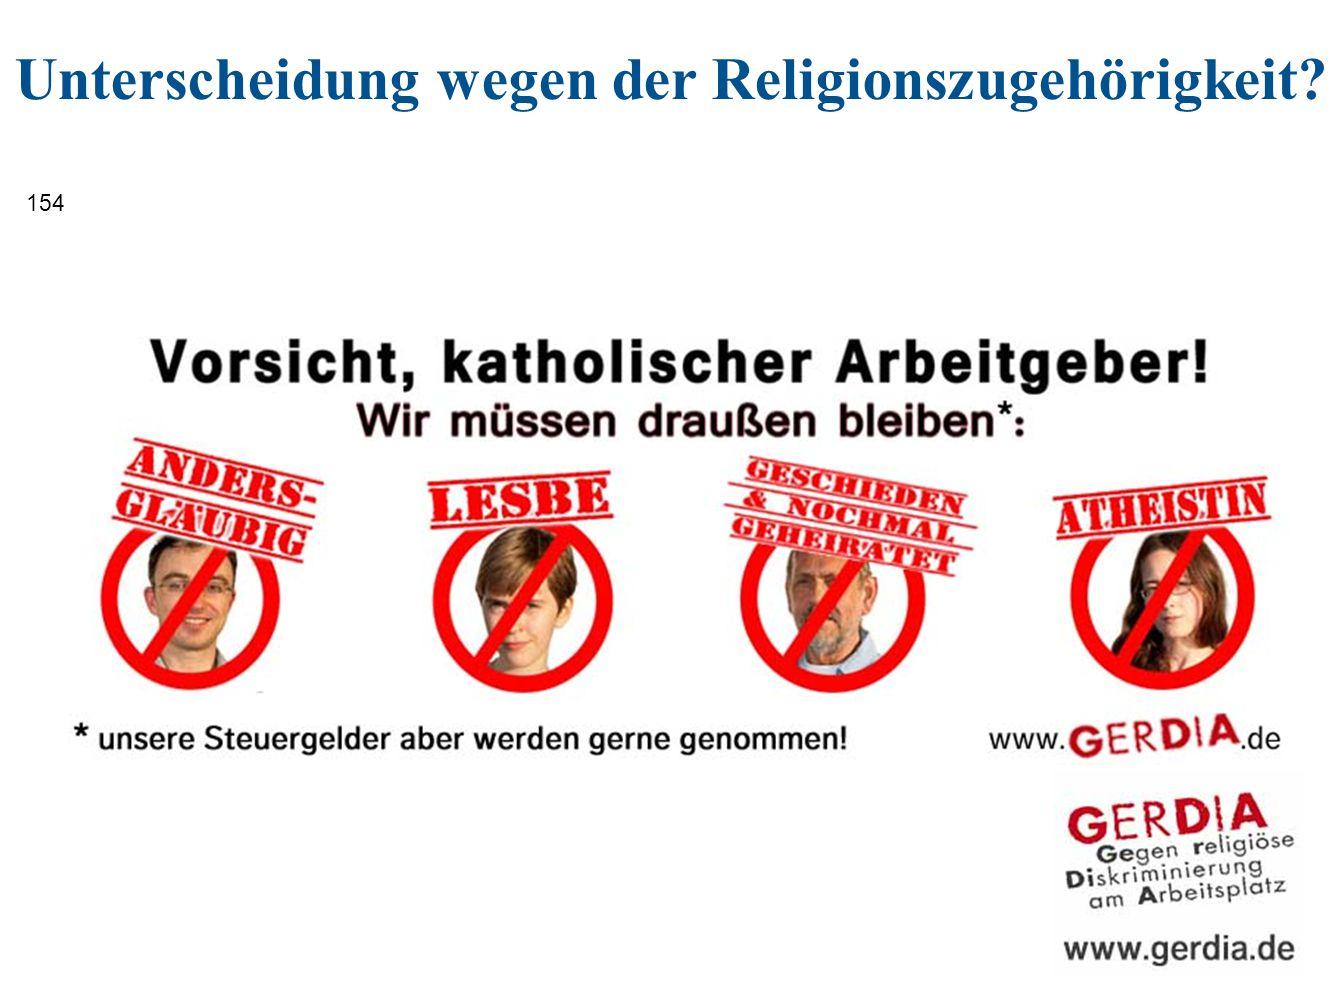 Unterscheidung wegen der Religionszugehörigkeit